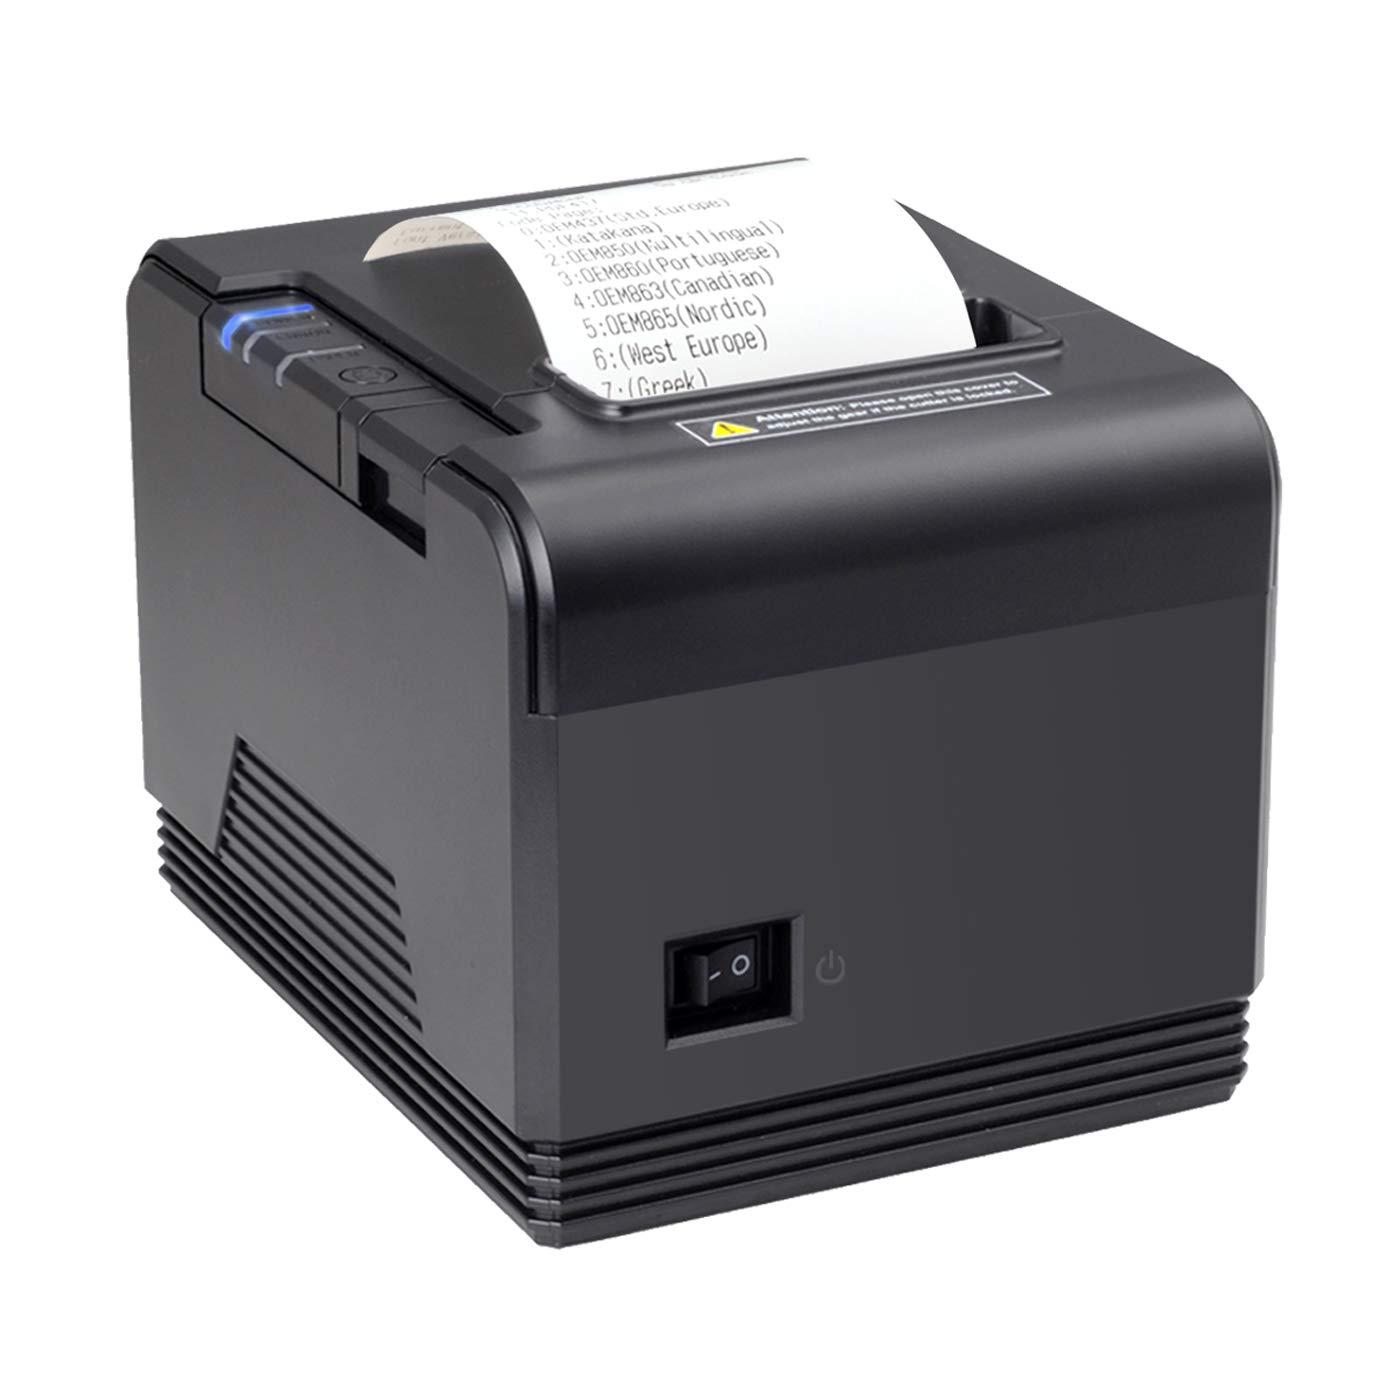 [Generación 2.0] Impresora Térmica de Tickets, 300 mm/s, POS Tikitera 80 mm, Corte Automático, Impresora de Recibos de Comando ESC/POS, Compatible con ...